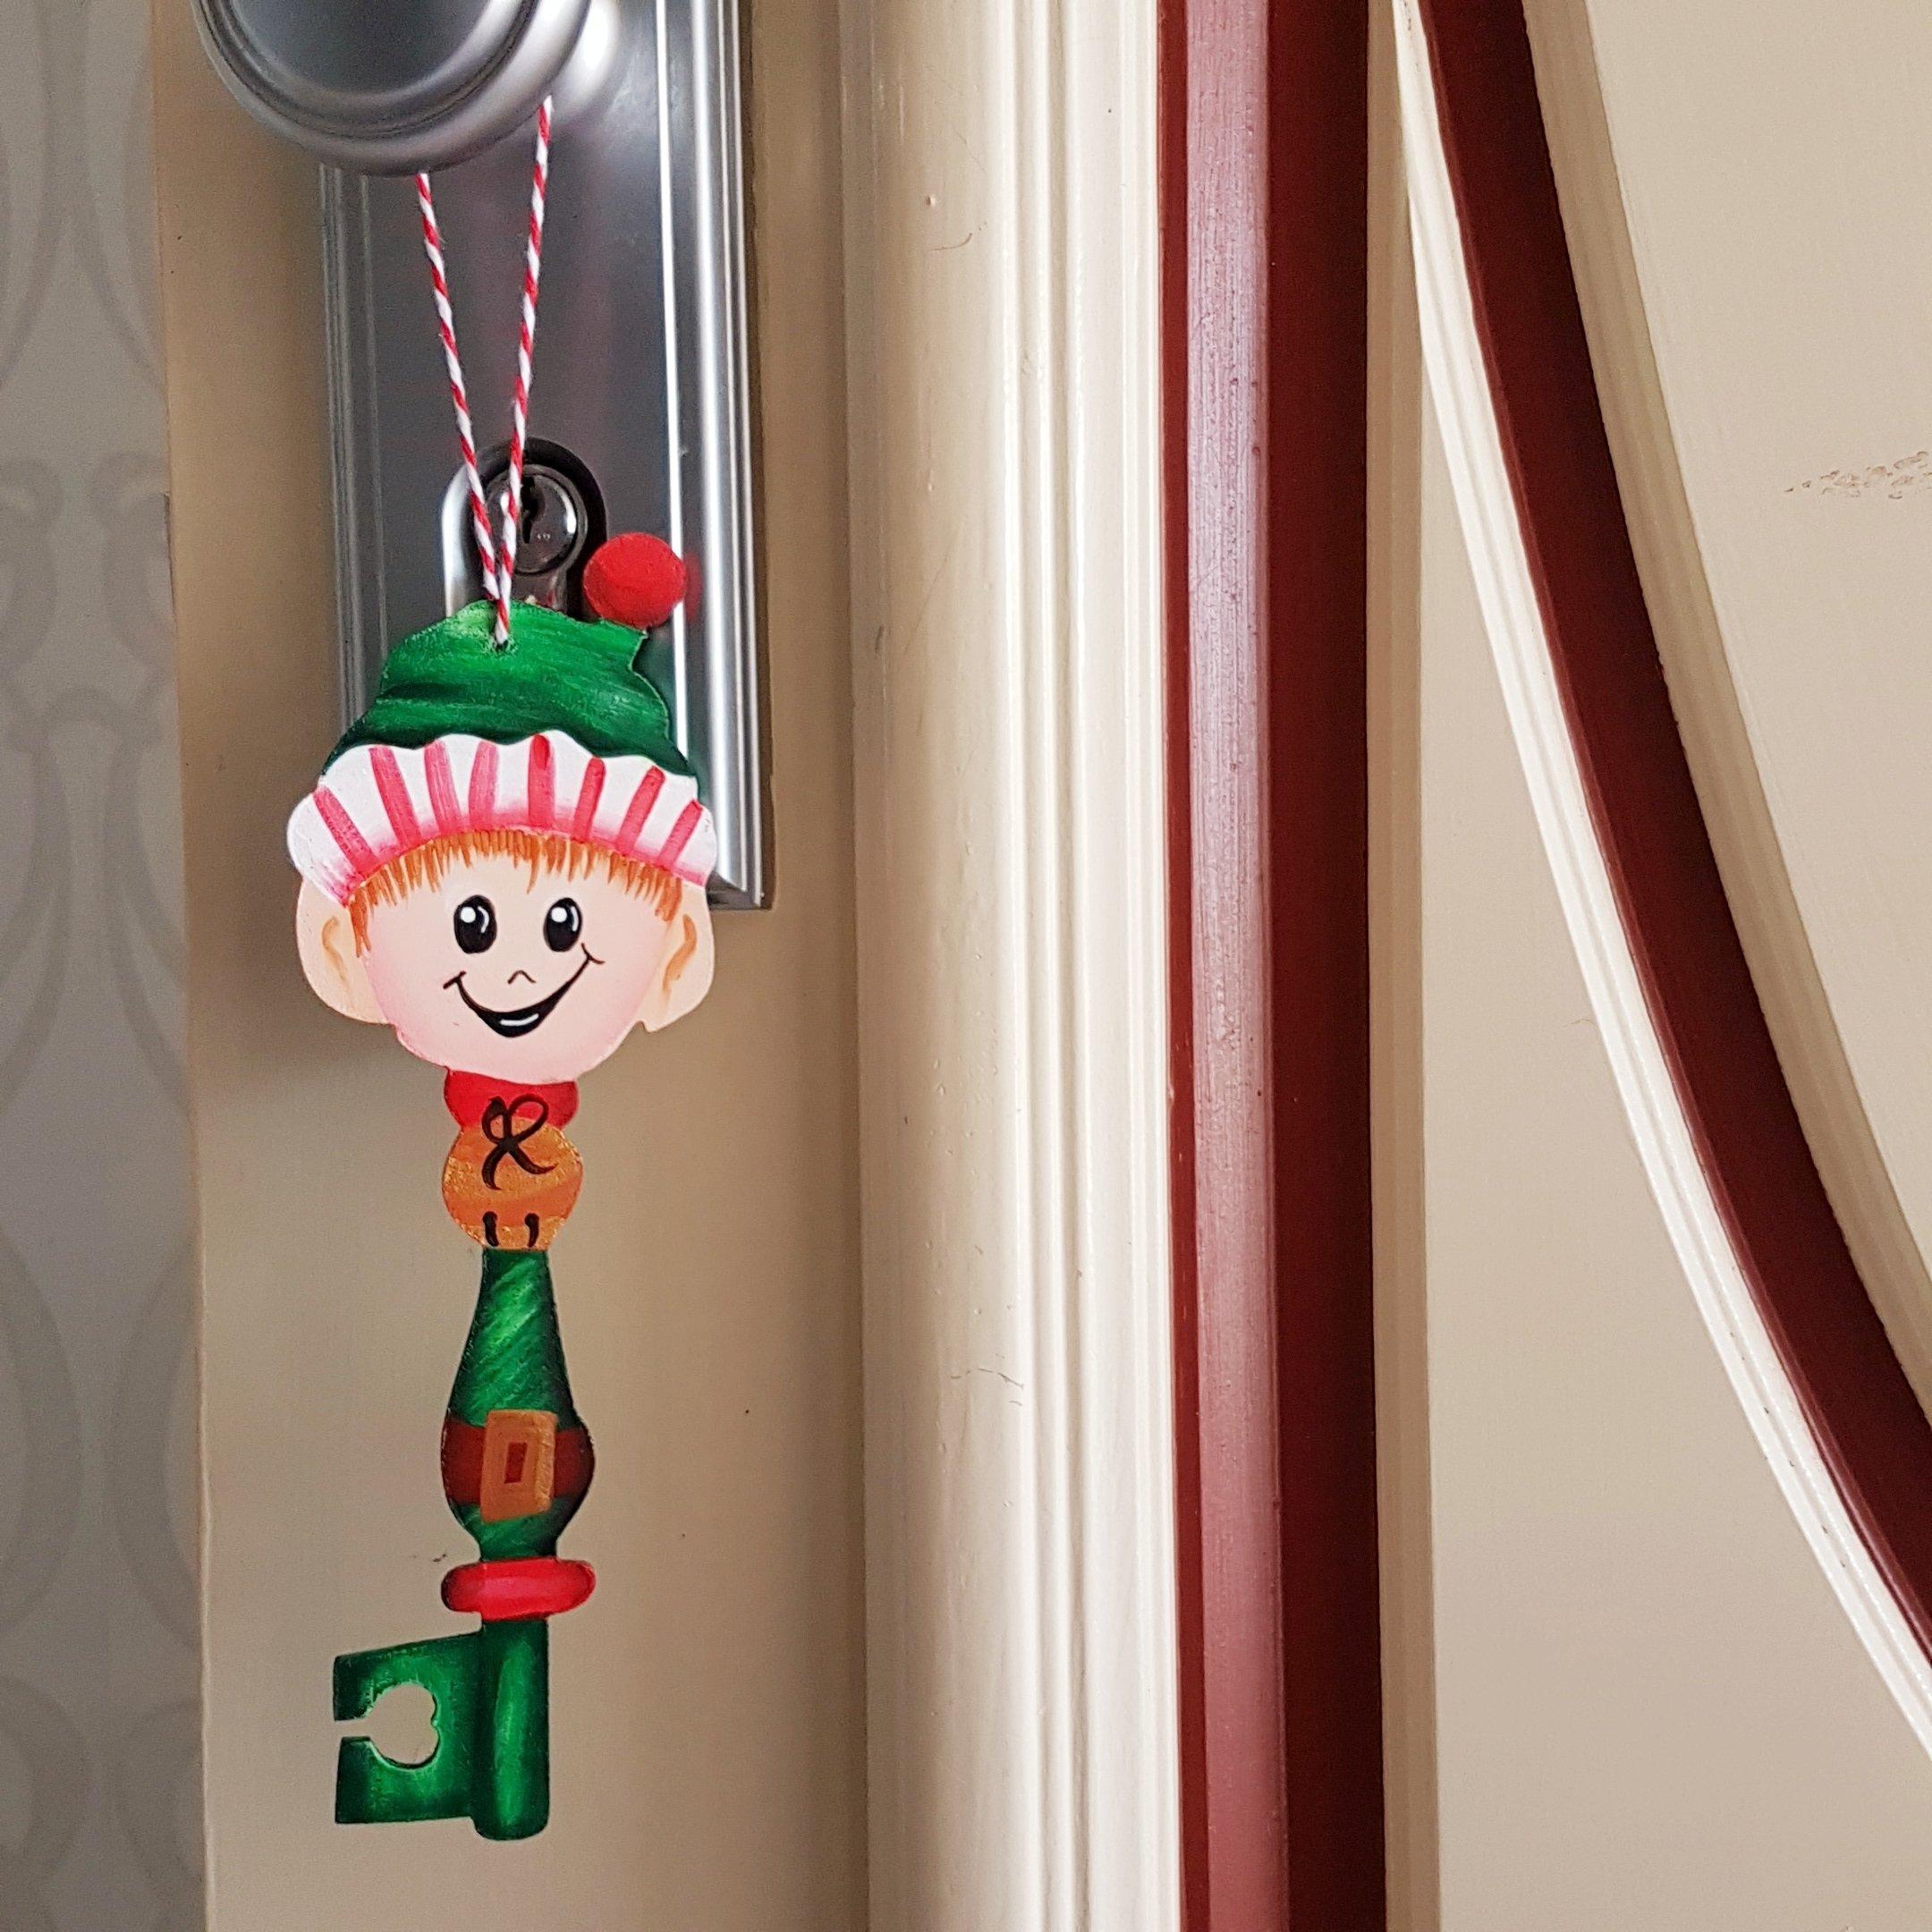 Elf Key hanging on door